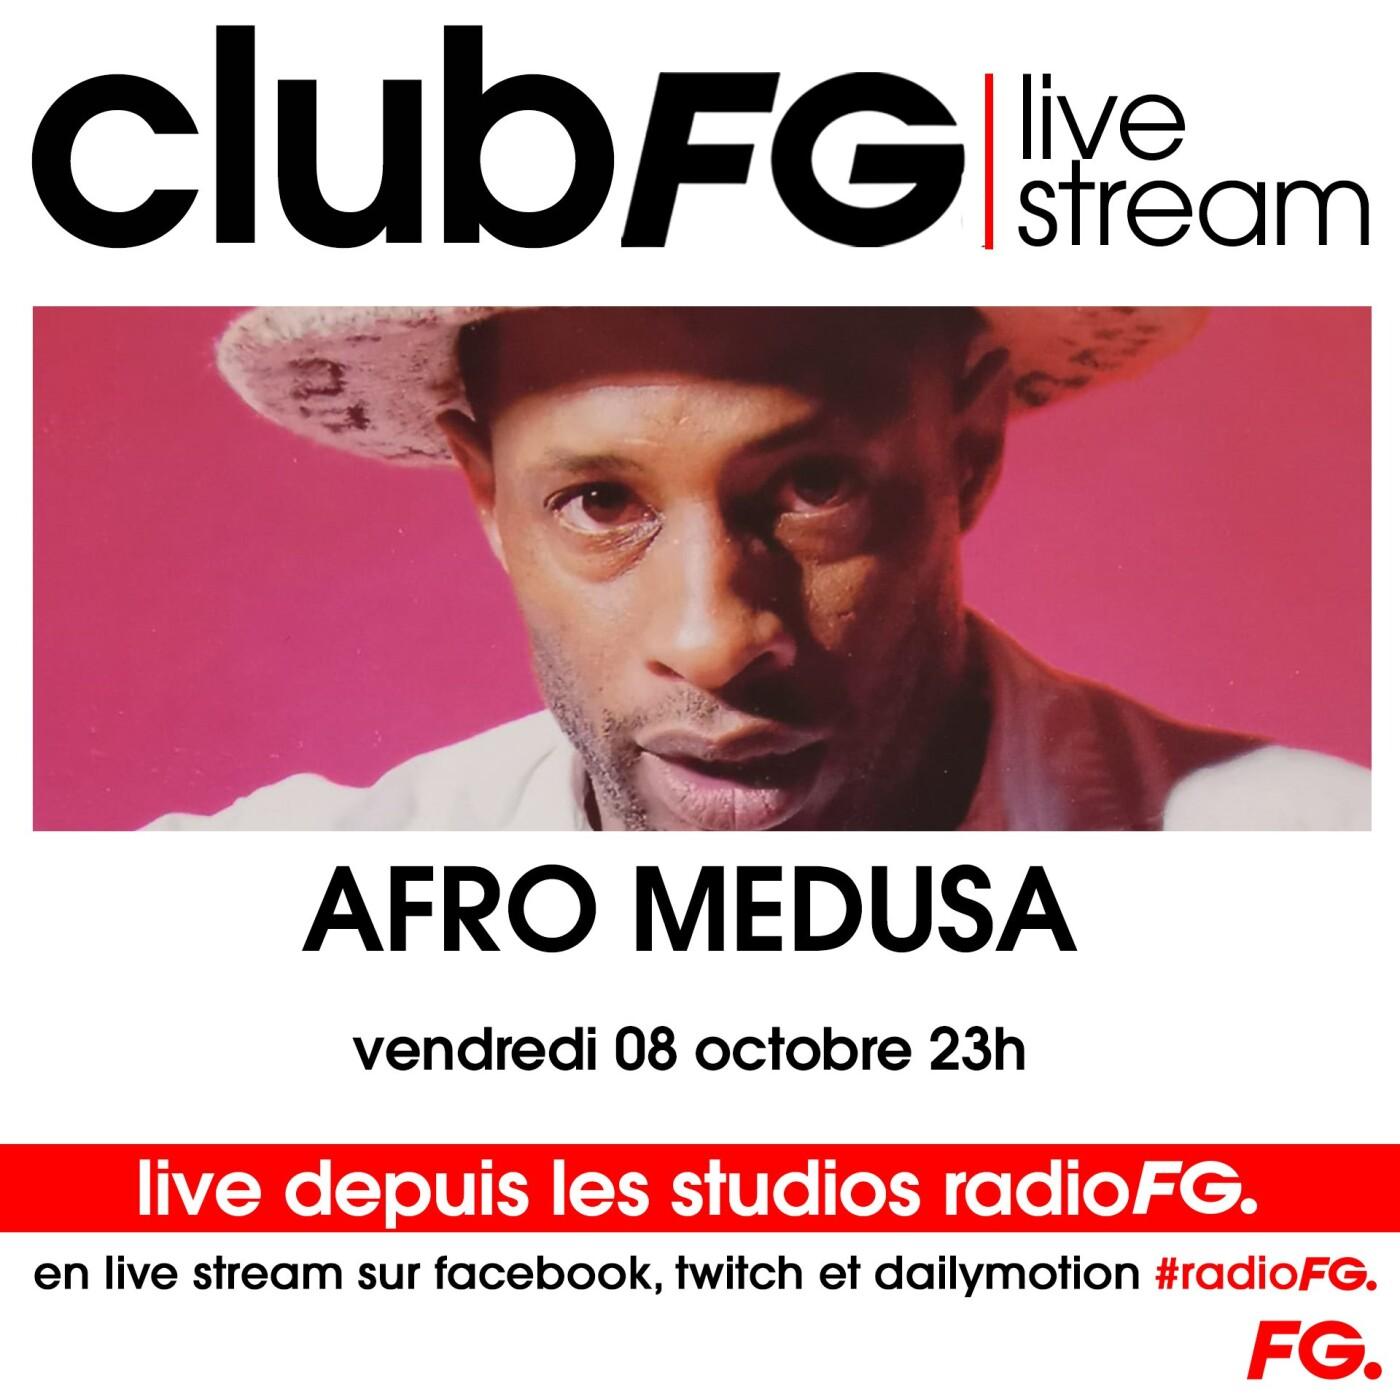 CLUB FG LIVE STREAM : AFRO MEDUSA